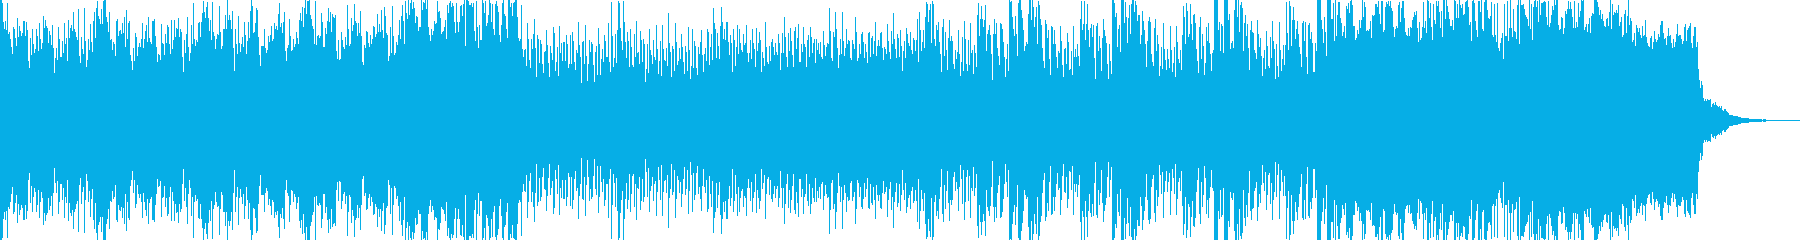 ゲームなどの戦闘シーンにピッタリの1曲の再生済みの波形